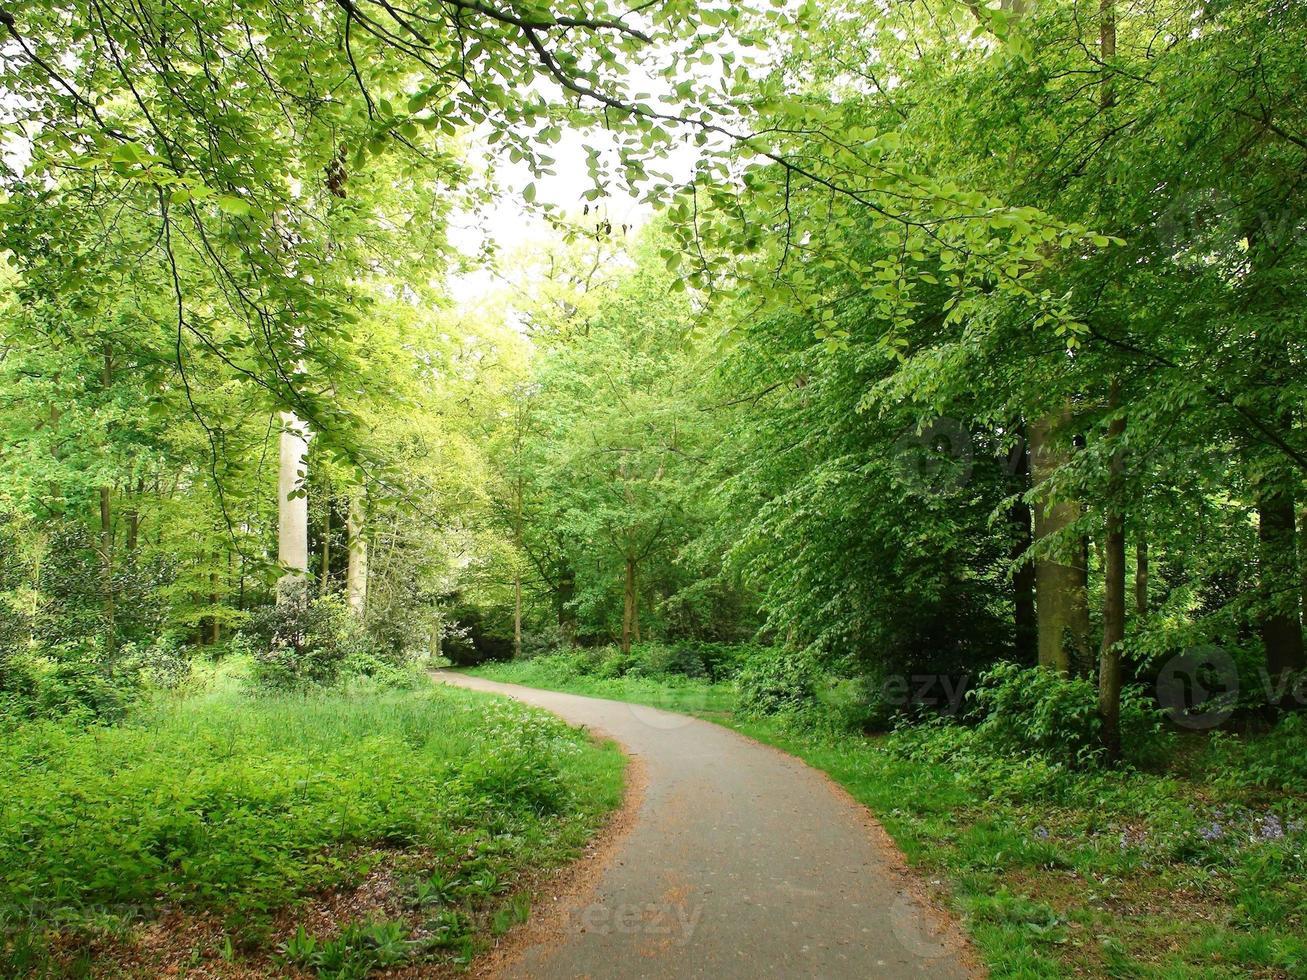 kijken naar landelijke voetgangerspad weg in de zomer foto